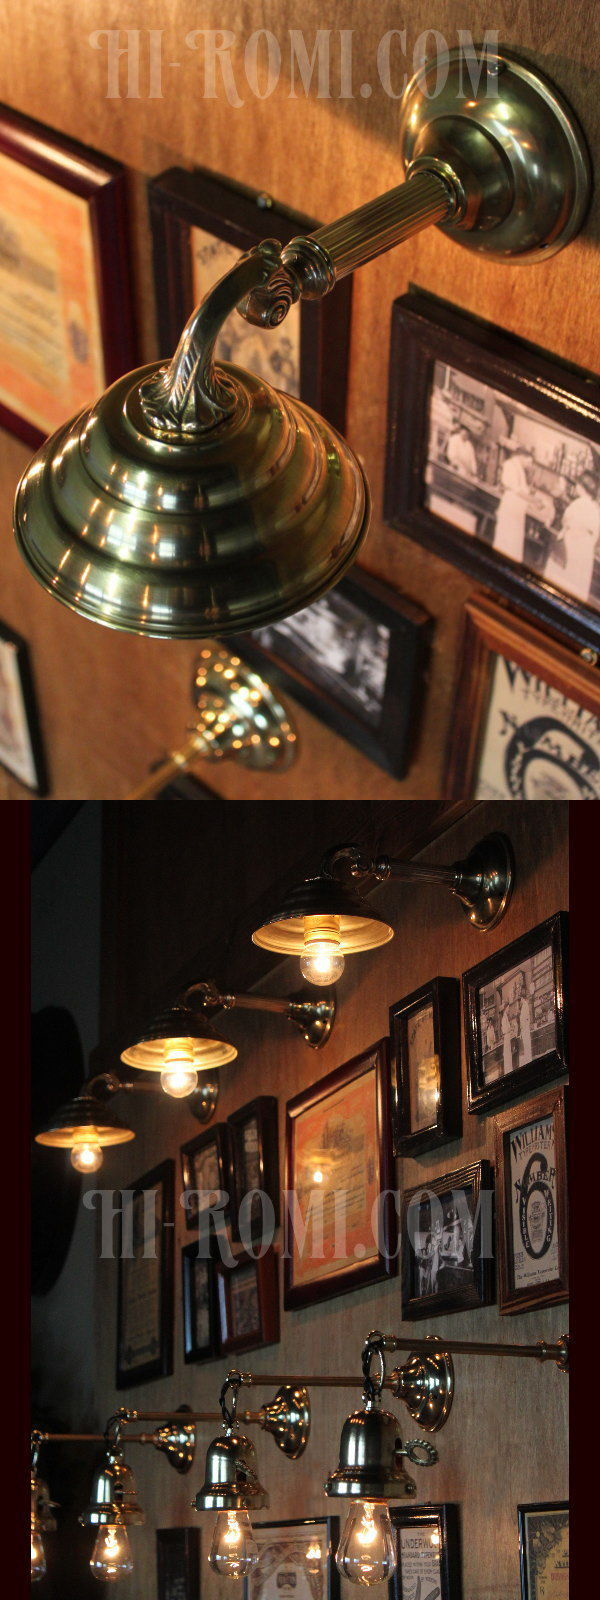 ヴィンテージビーハイブシェード真鍮製コロニアルブラケットA/ヴィクトリアンウォールランプ/壁掛け照明